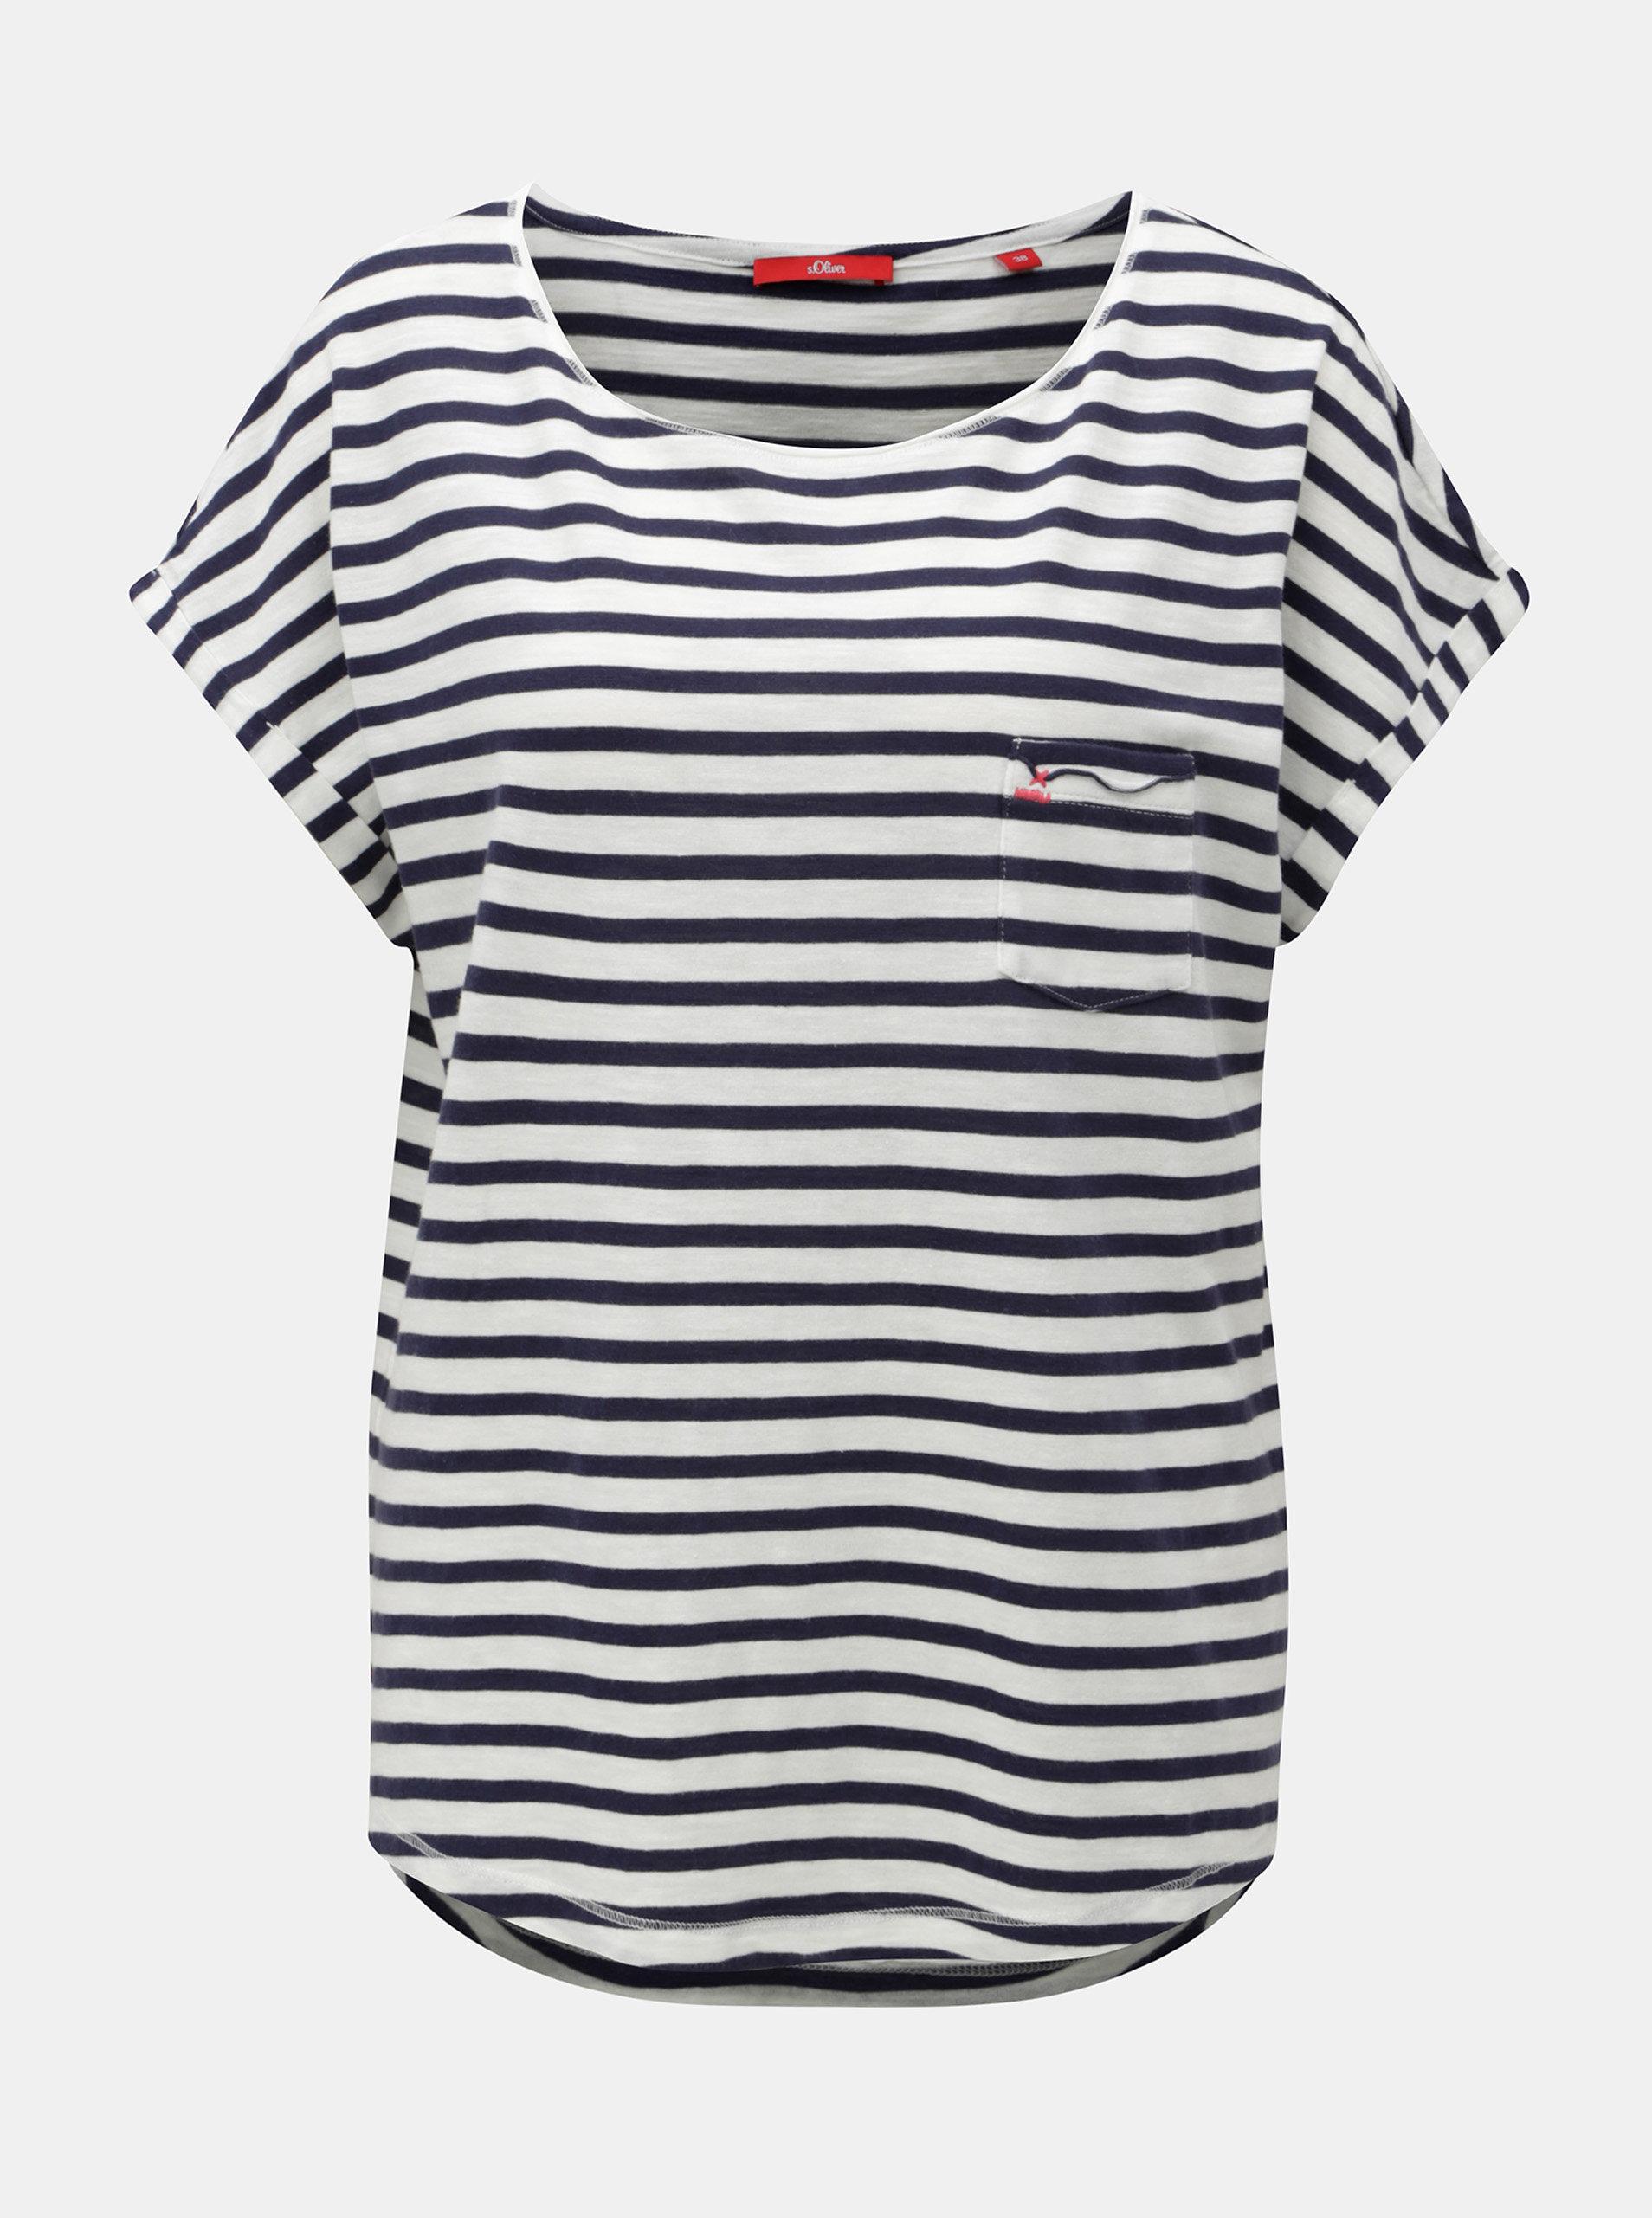 32f4951cca3 Bílo-modré dámské pruhované tričko s.Oliver